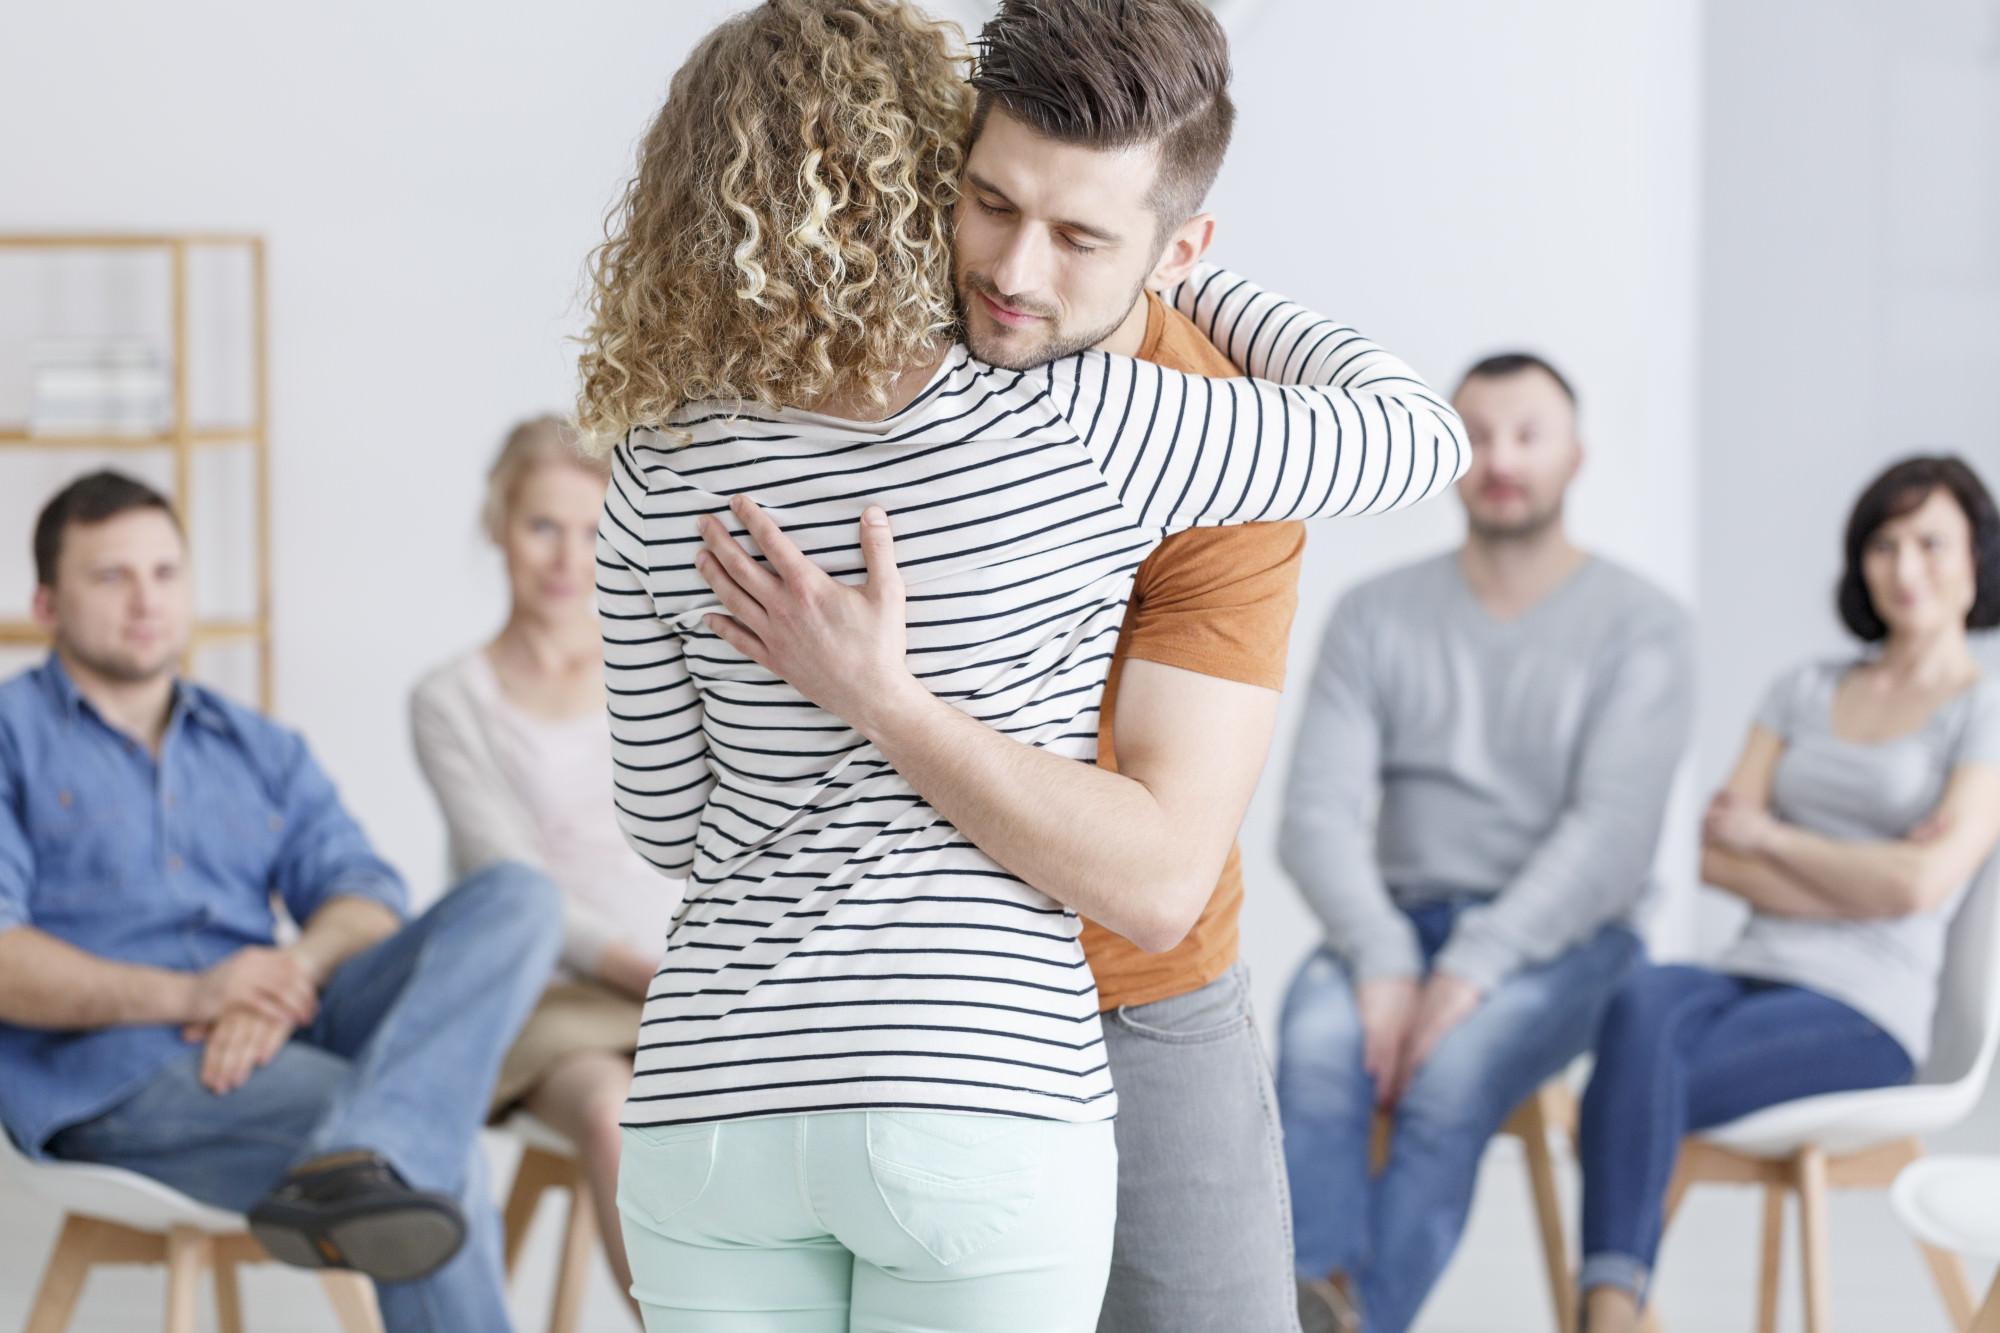 residential drug treatment programs